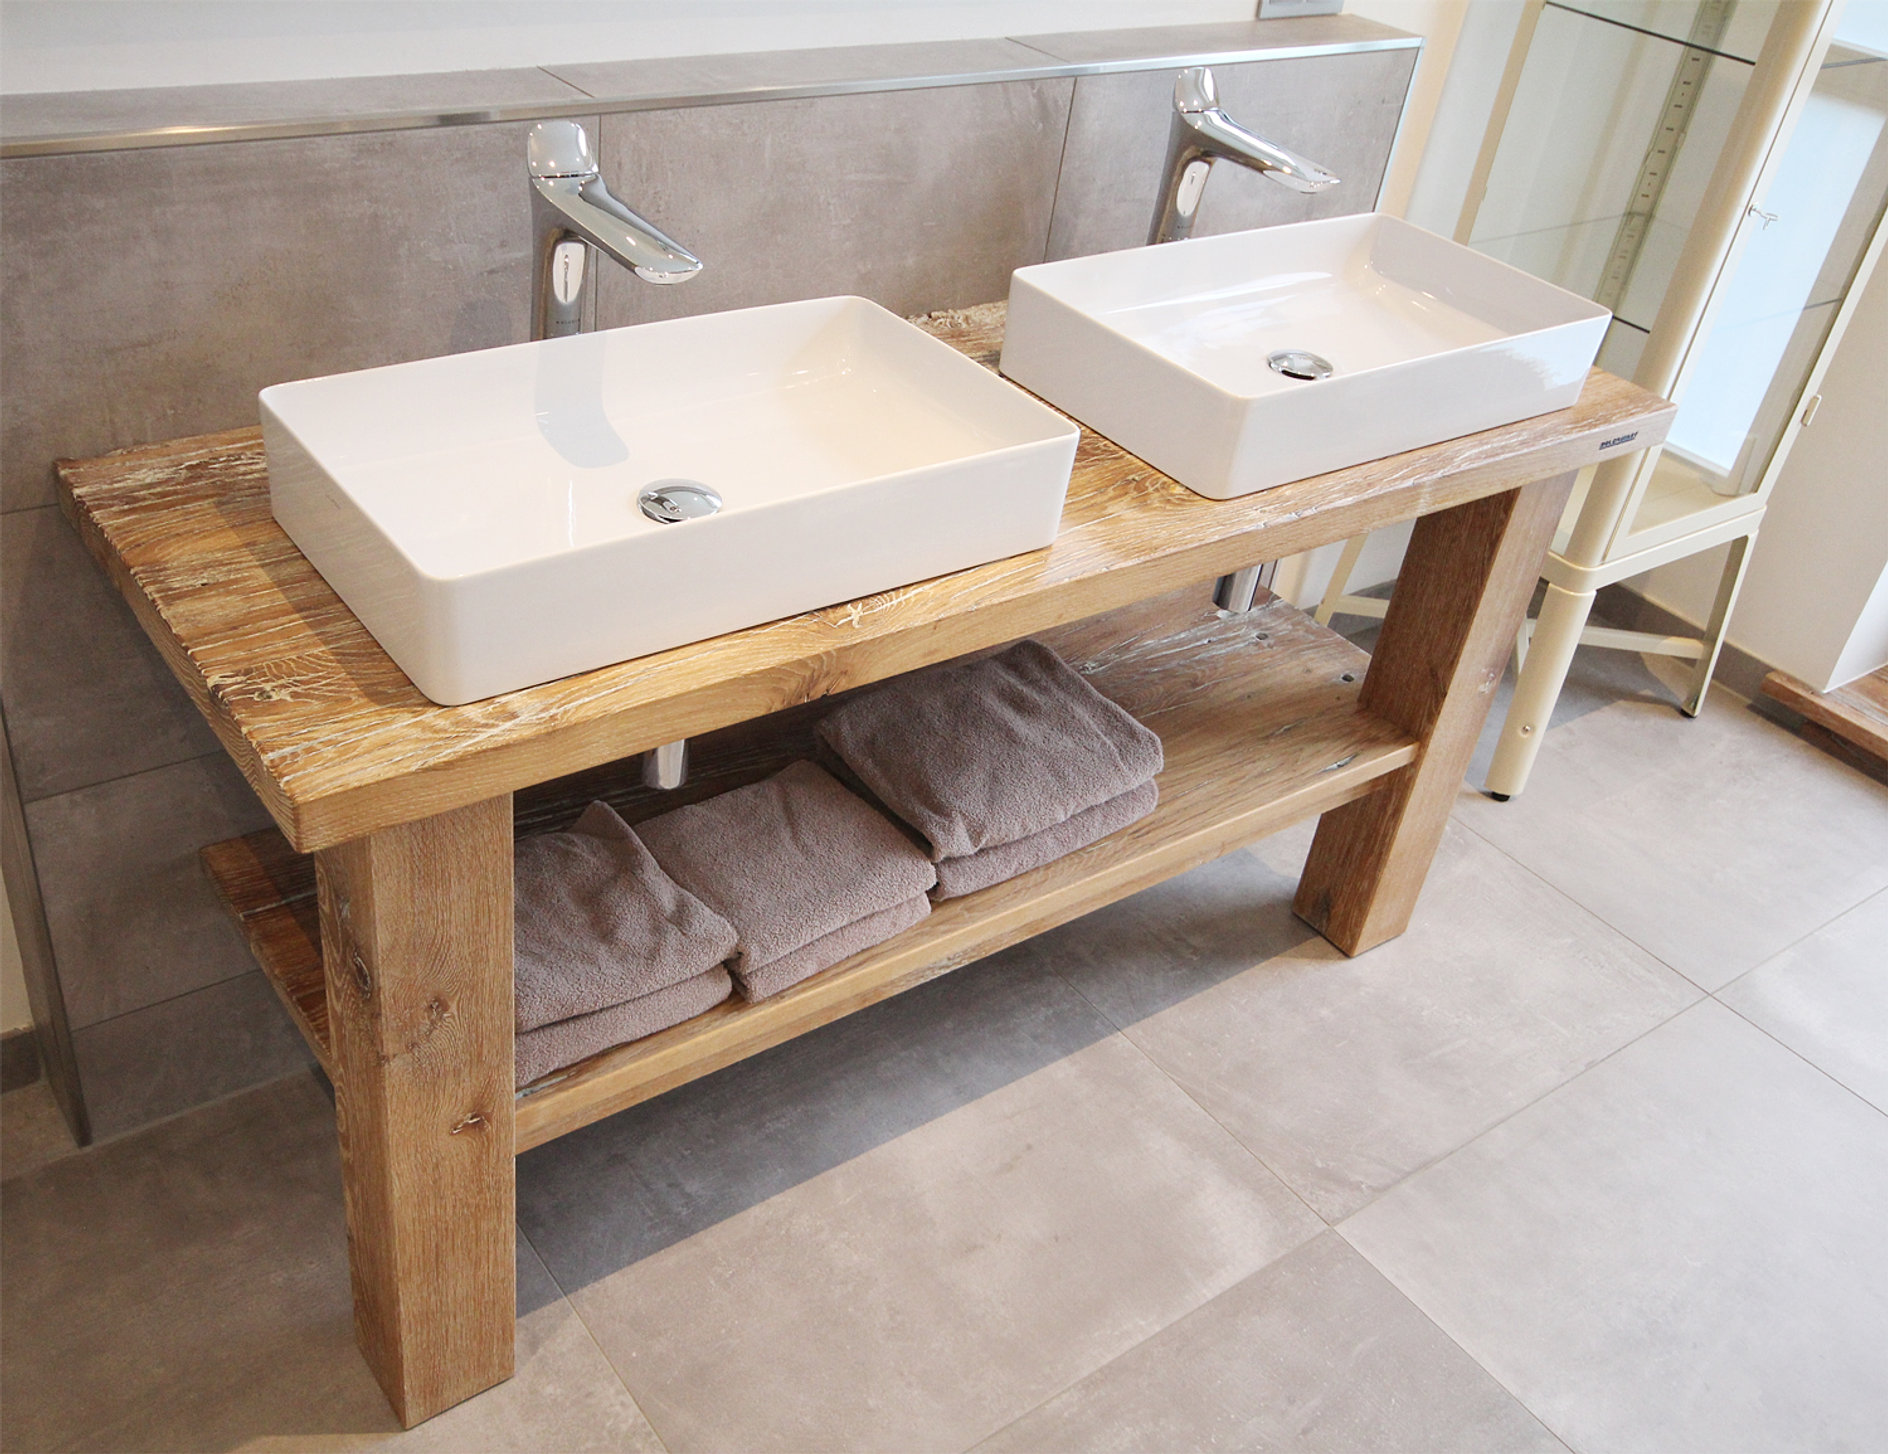 waschtischplatte altholz. Black Bedroom Furniture Sets. Home Design Ideas